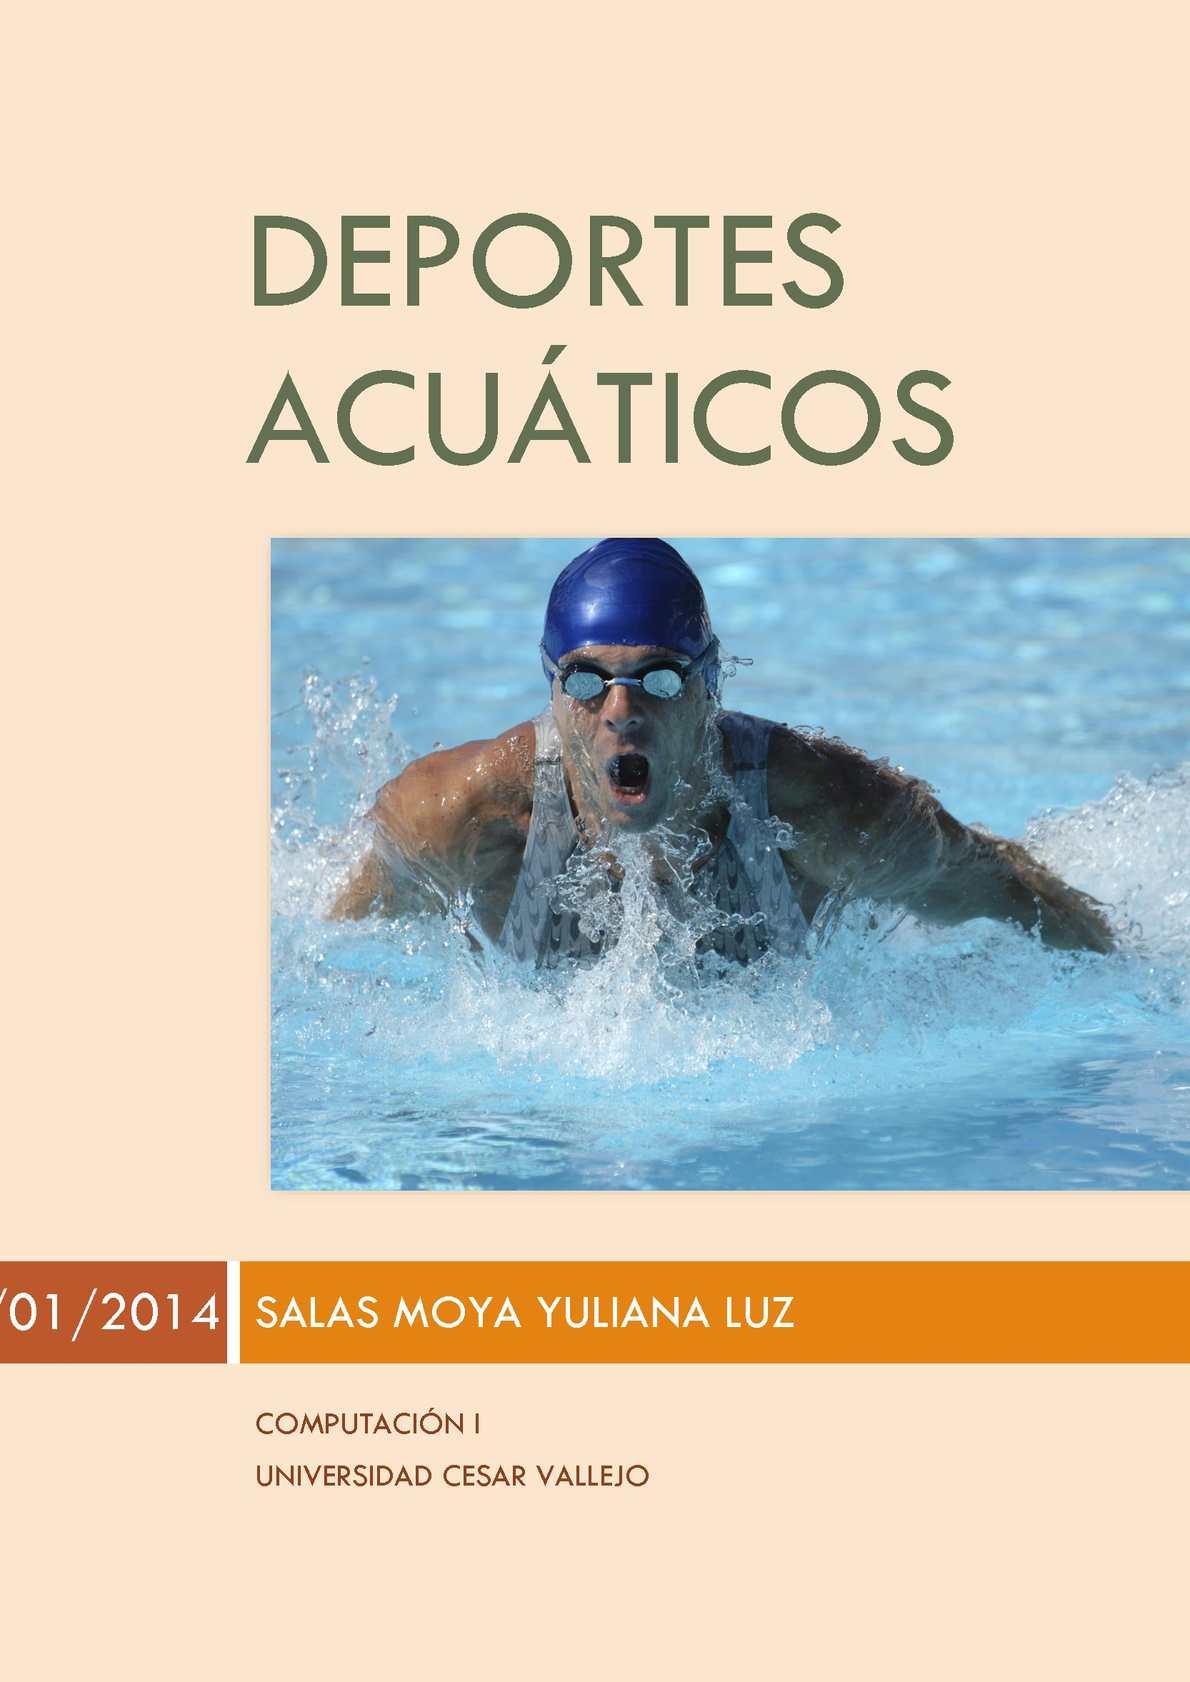 gorjeo escoltas Deportes acuáticos